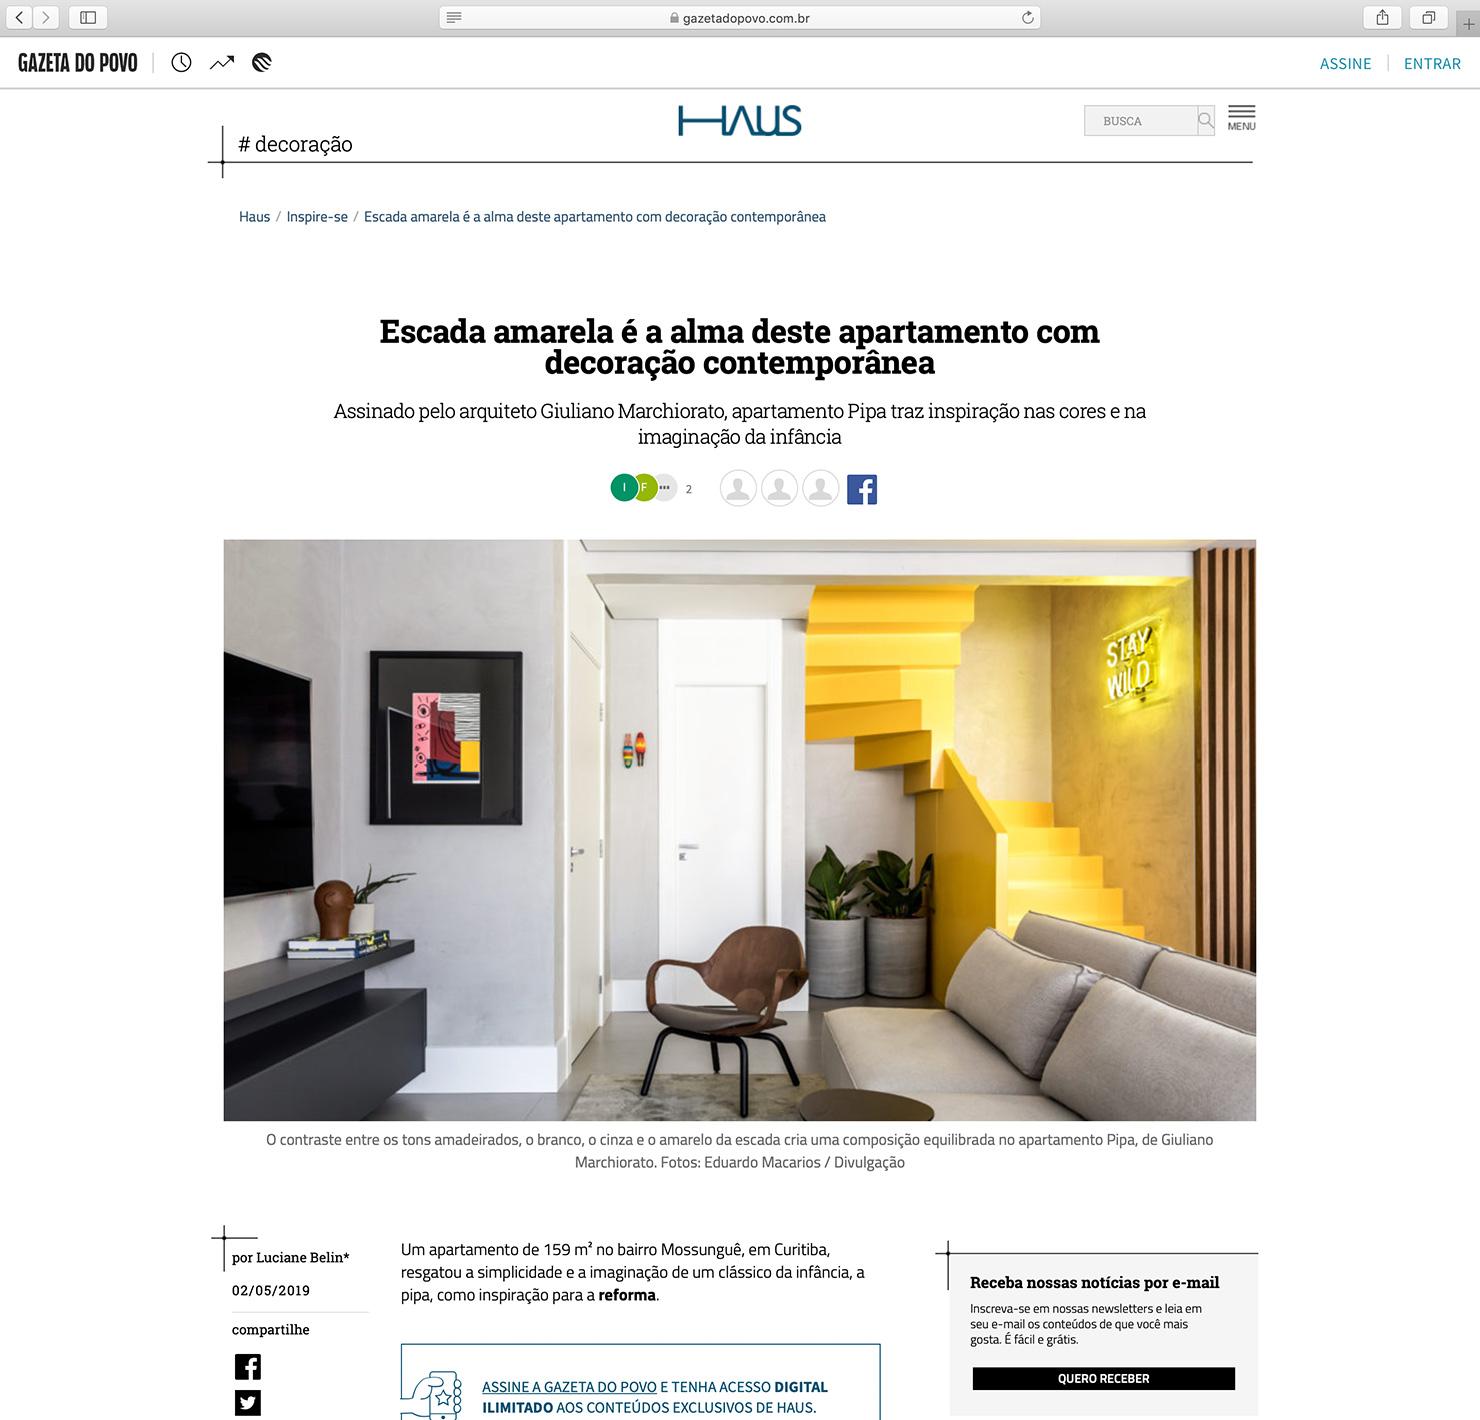 Apartamento Pipa  HAUS Gazeta do Povo |  Link